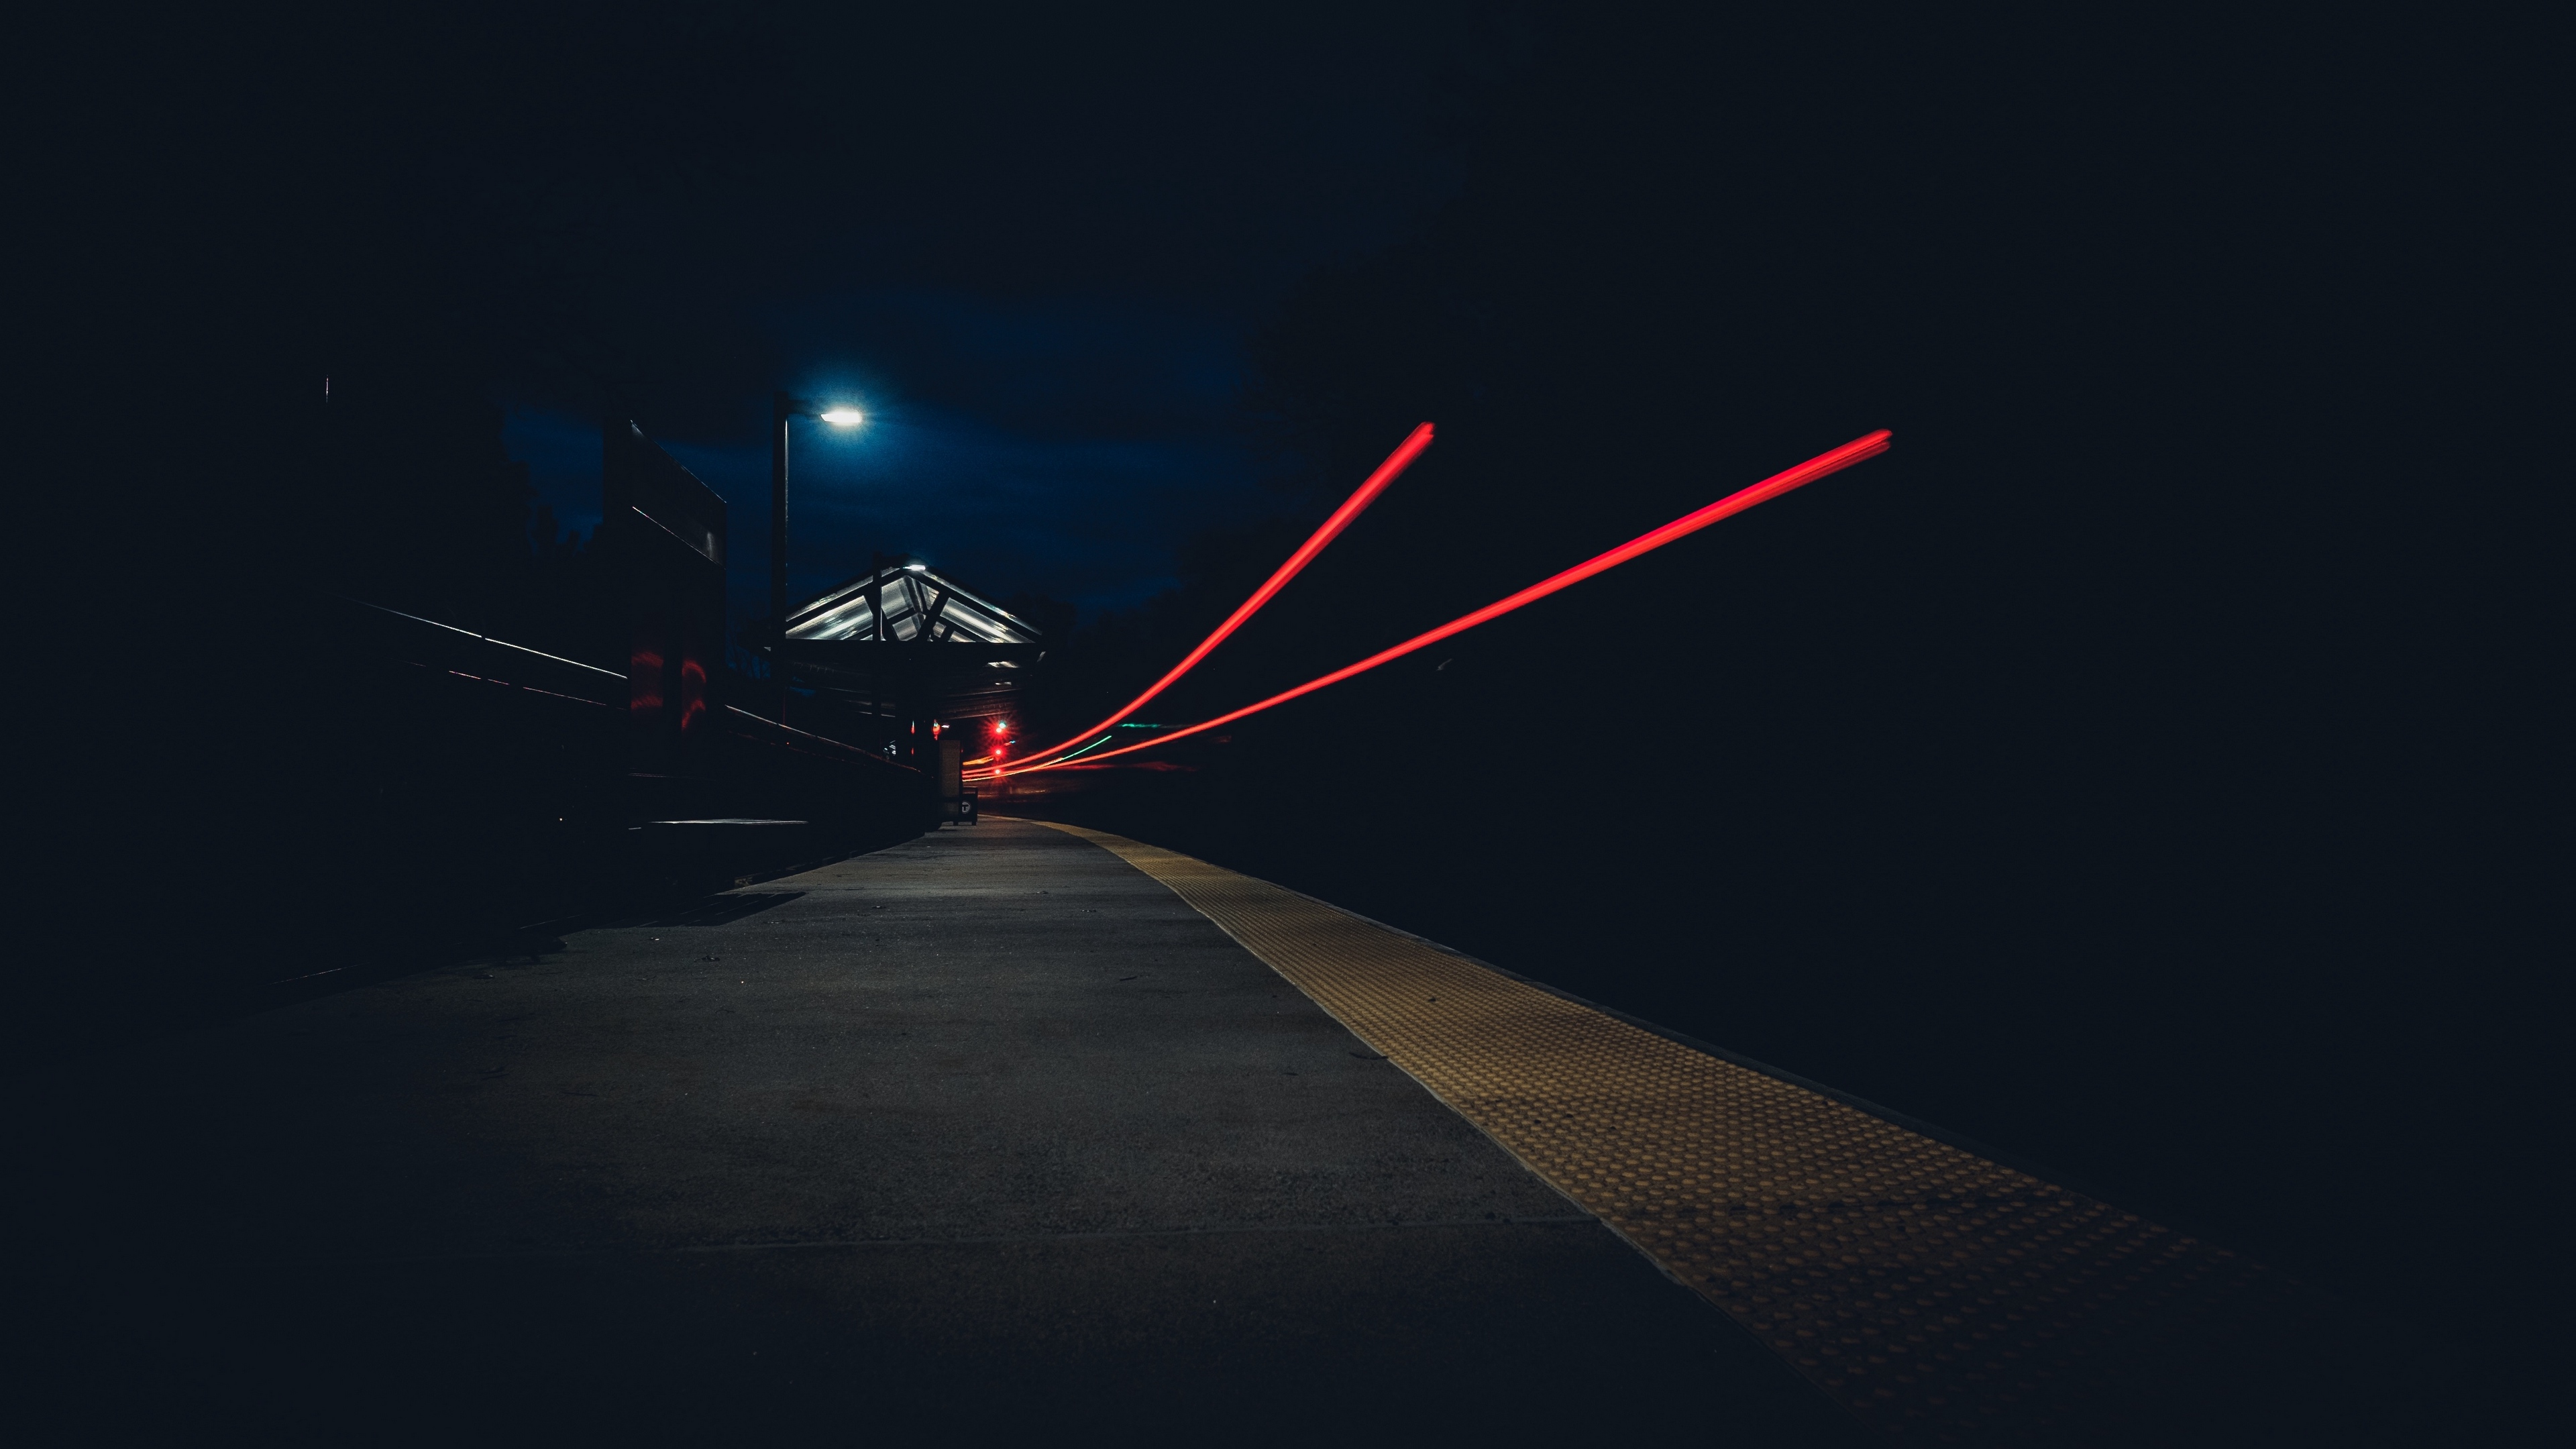 street light night 4k 1538068024 - street, light, night 4k - Street, Night, Light